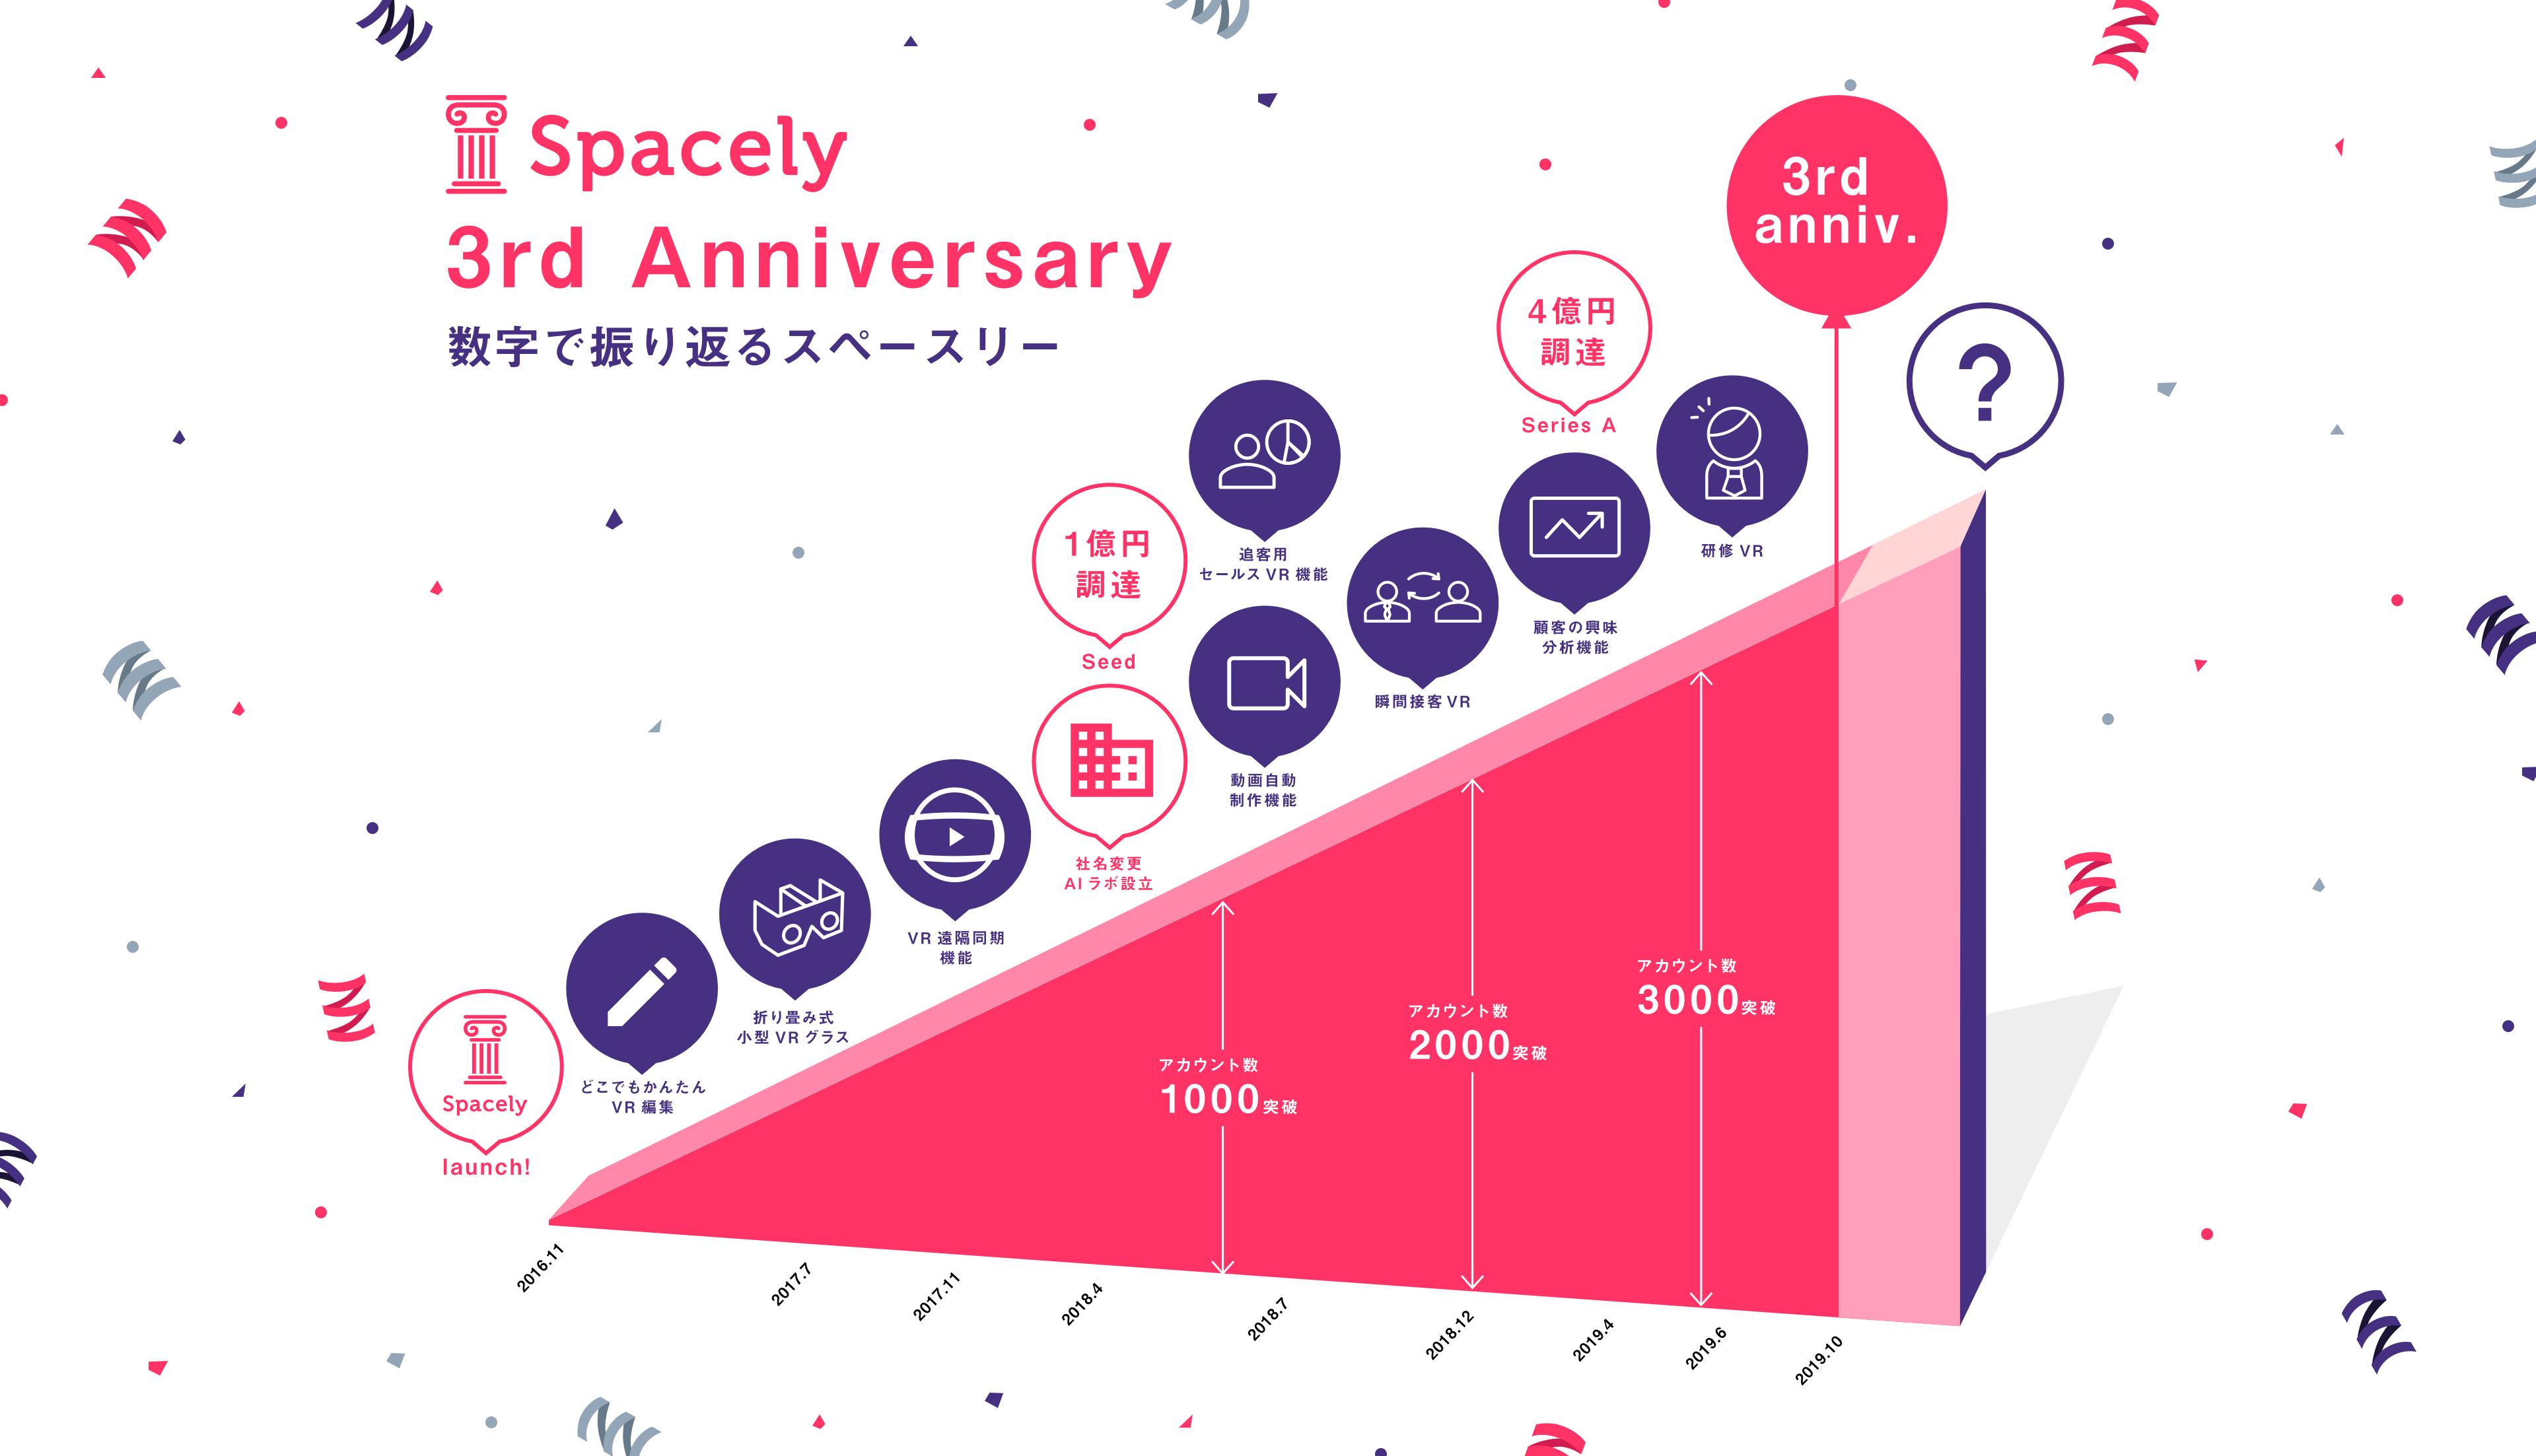 VRクラウド「スペースリー」サービス開始から3周年。サービスの成長とVR活用の広がりがわかるインフォグラフィクスを初公開。